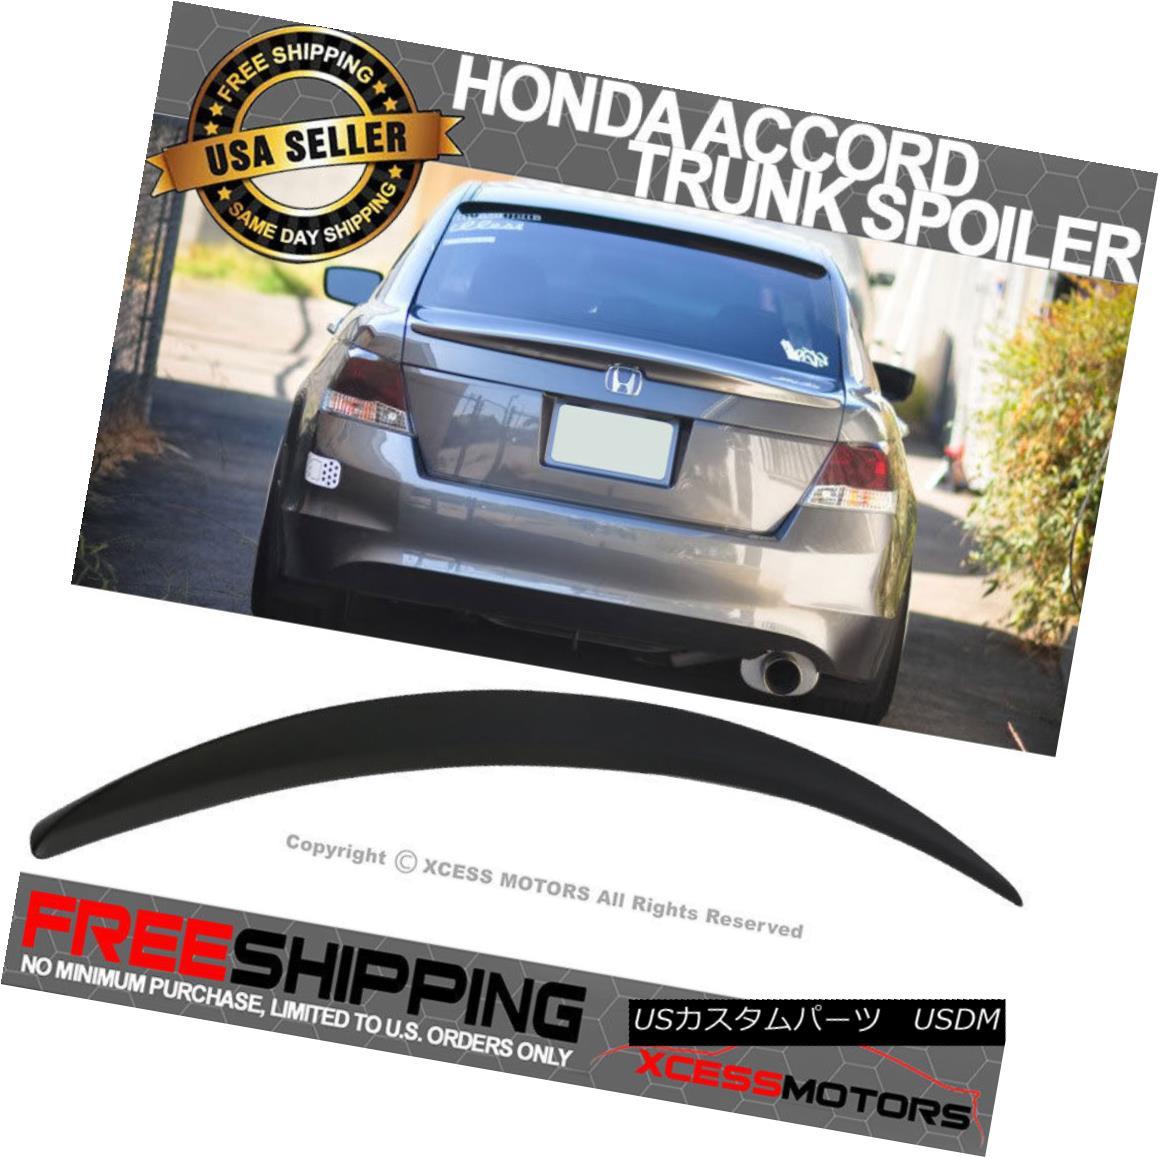 エアロパーツ For 08-12 Honda Accord 4Dr OE Style Trunk Spoiler Unpainted - ABS 08-12ホンダアコード4Dr OEスタイルトランク・スポイラー未塗装 - ABS